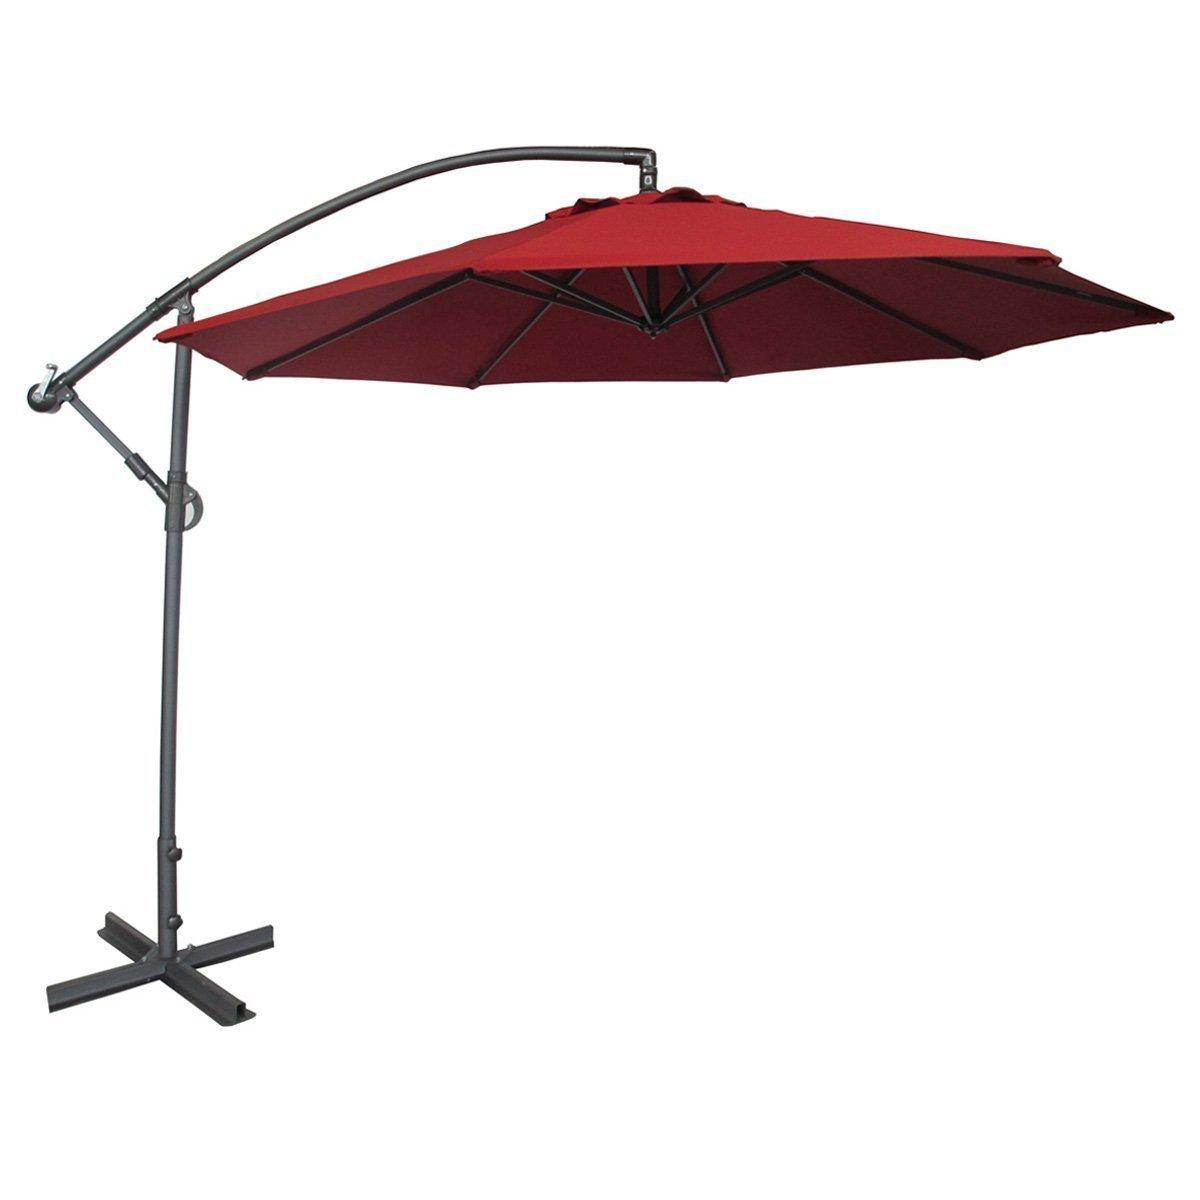 10u0027 cantilever umbrella UUTEKYX